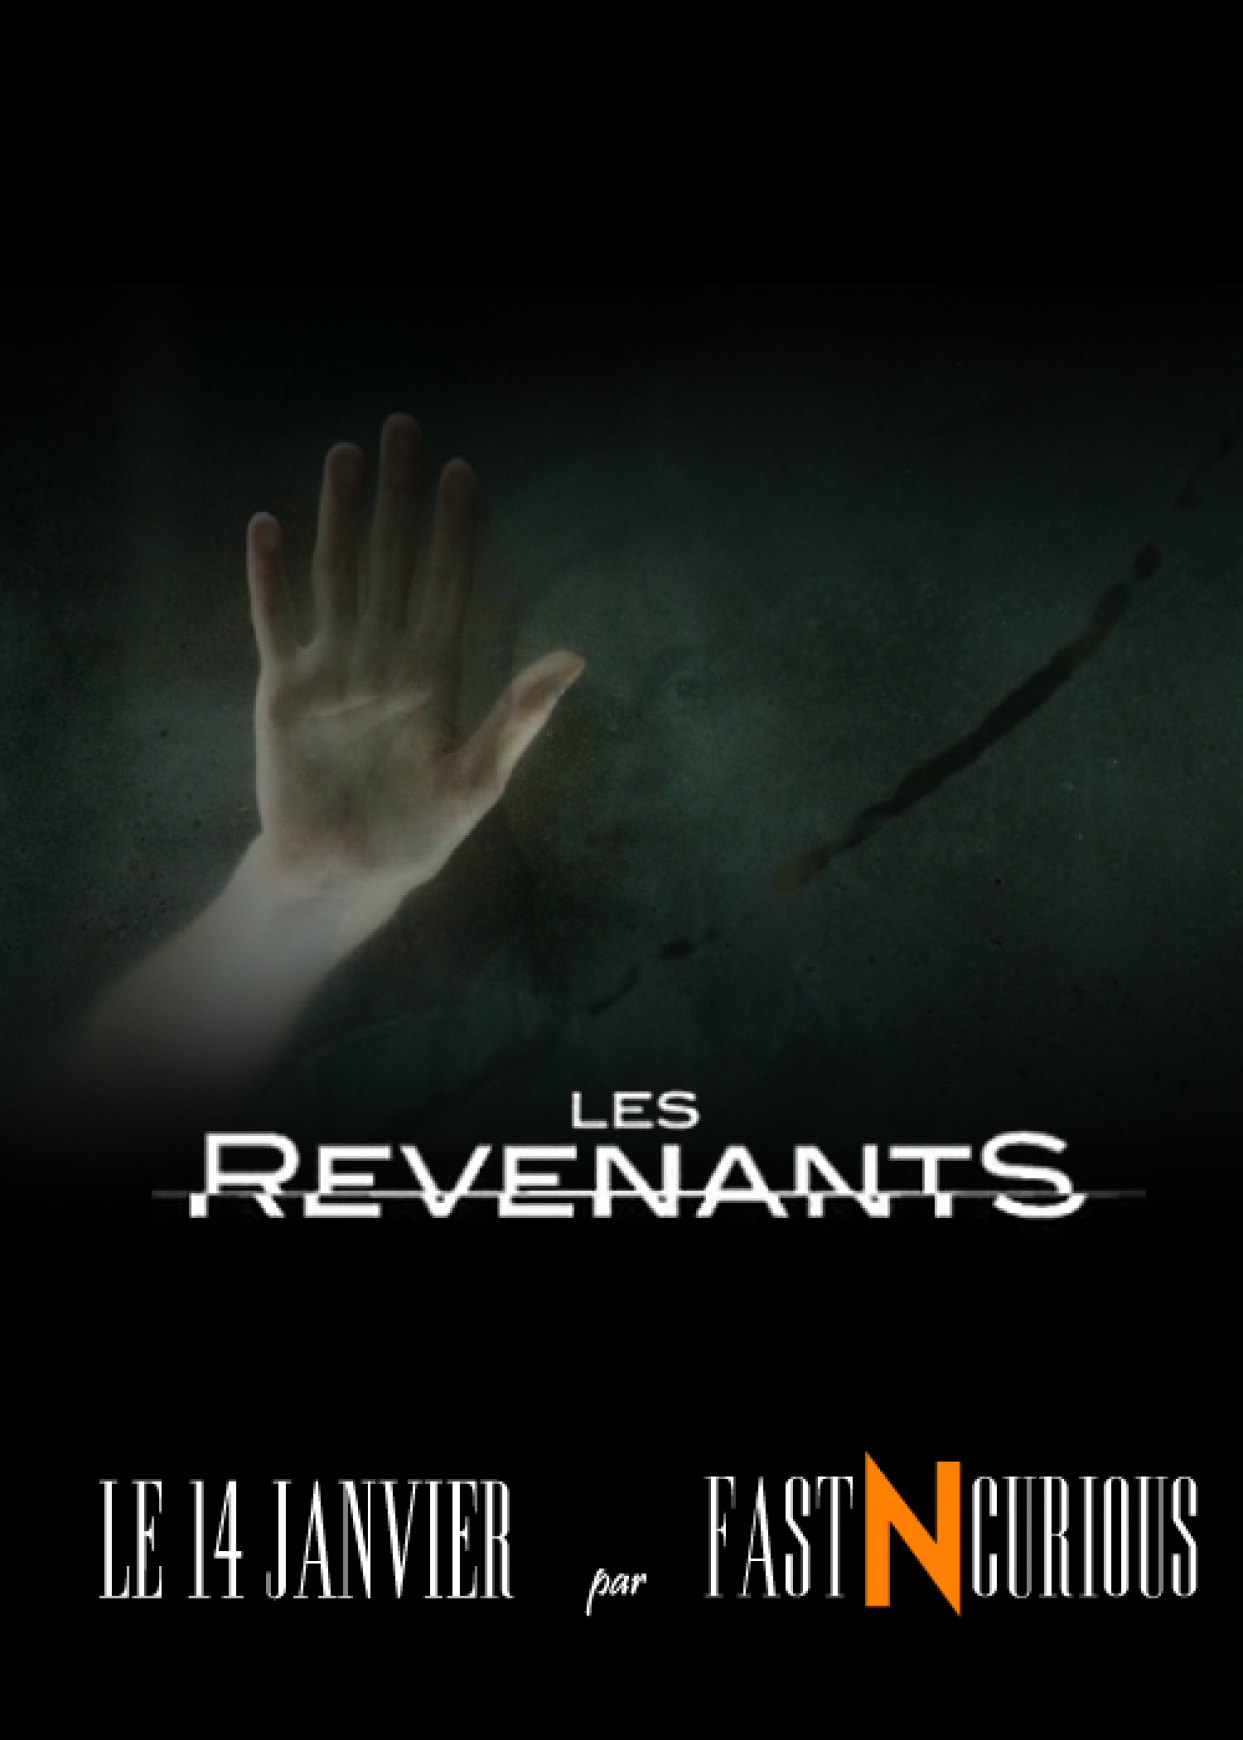 Les Revenants envahissent FastNCurious, Introduction